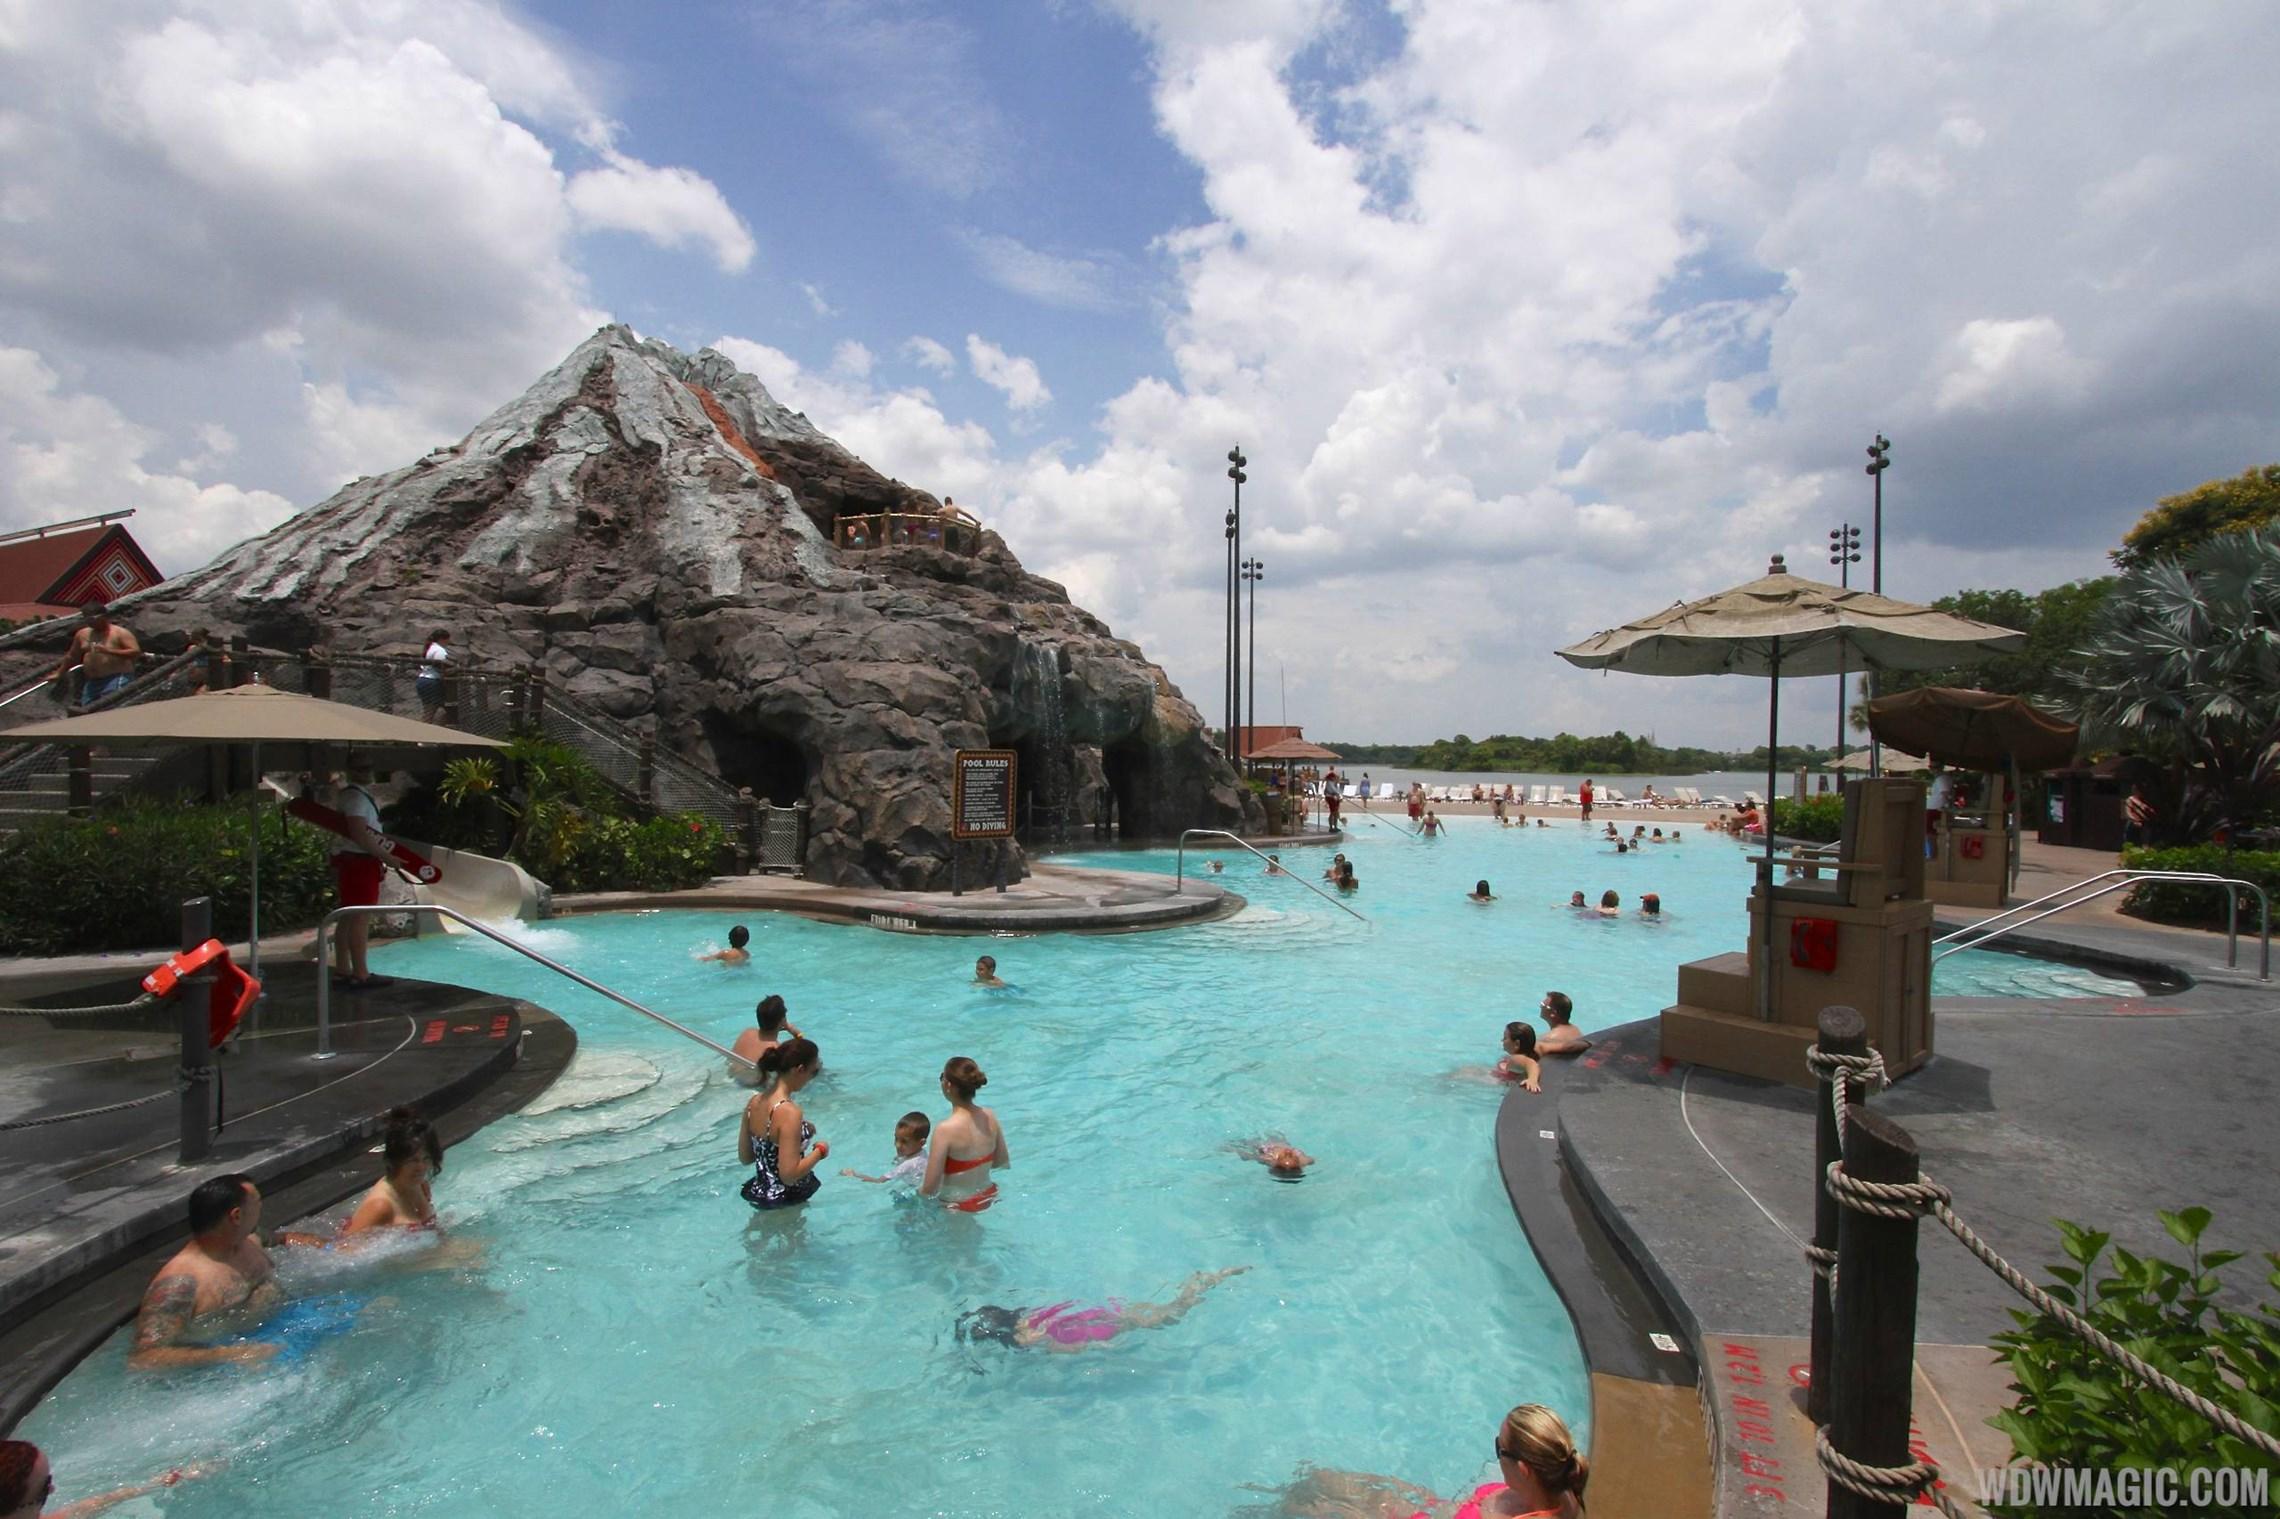 Pool area at Disney's Polynesian Resort before 2014 remodel